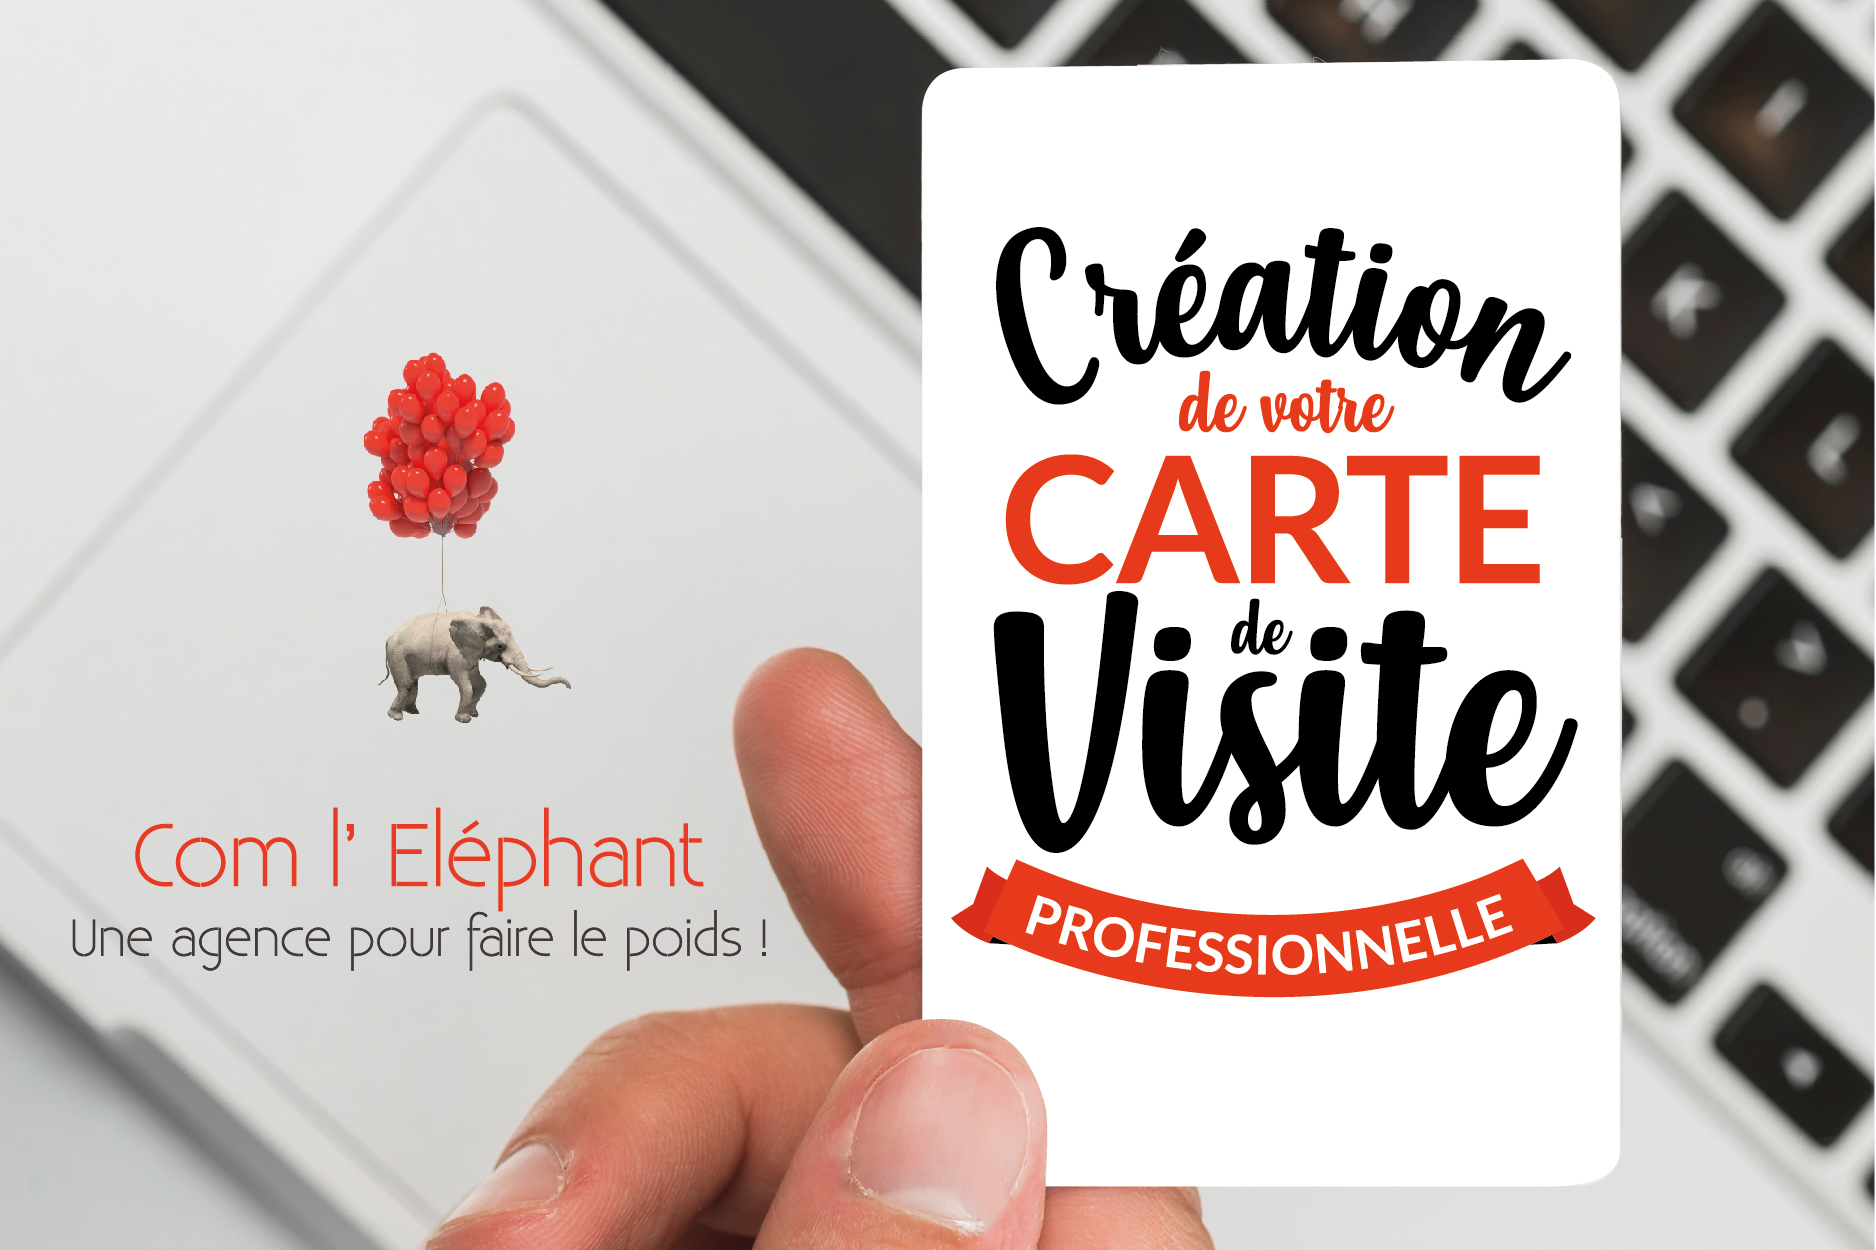 Création de votre carte de visite professionnelle à Nantes